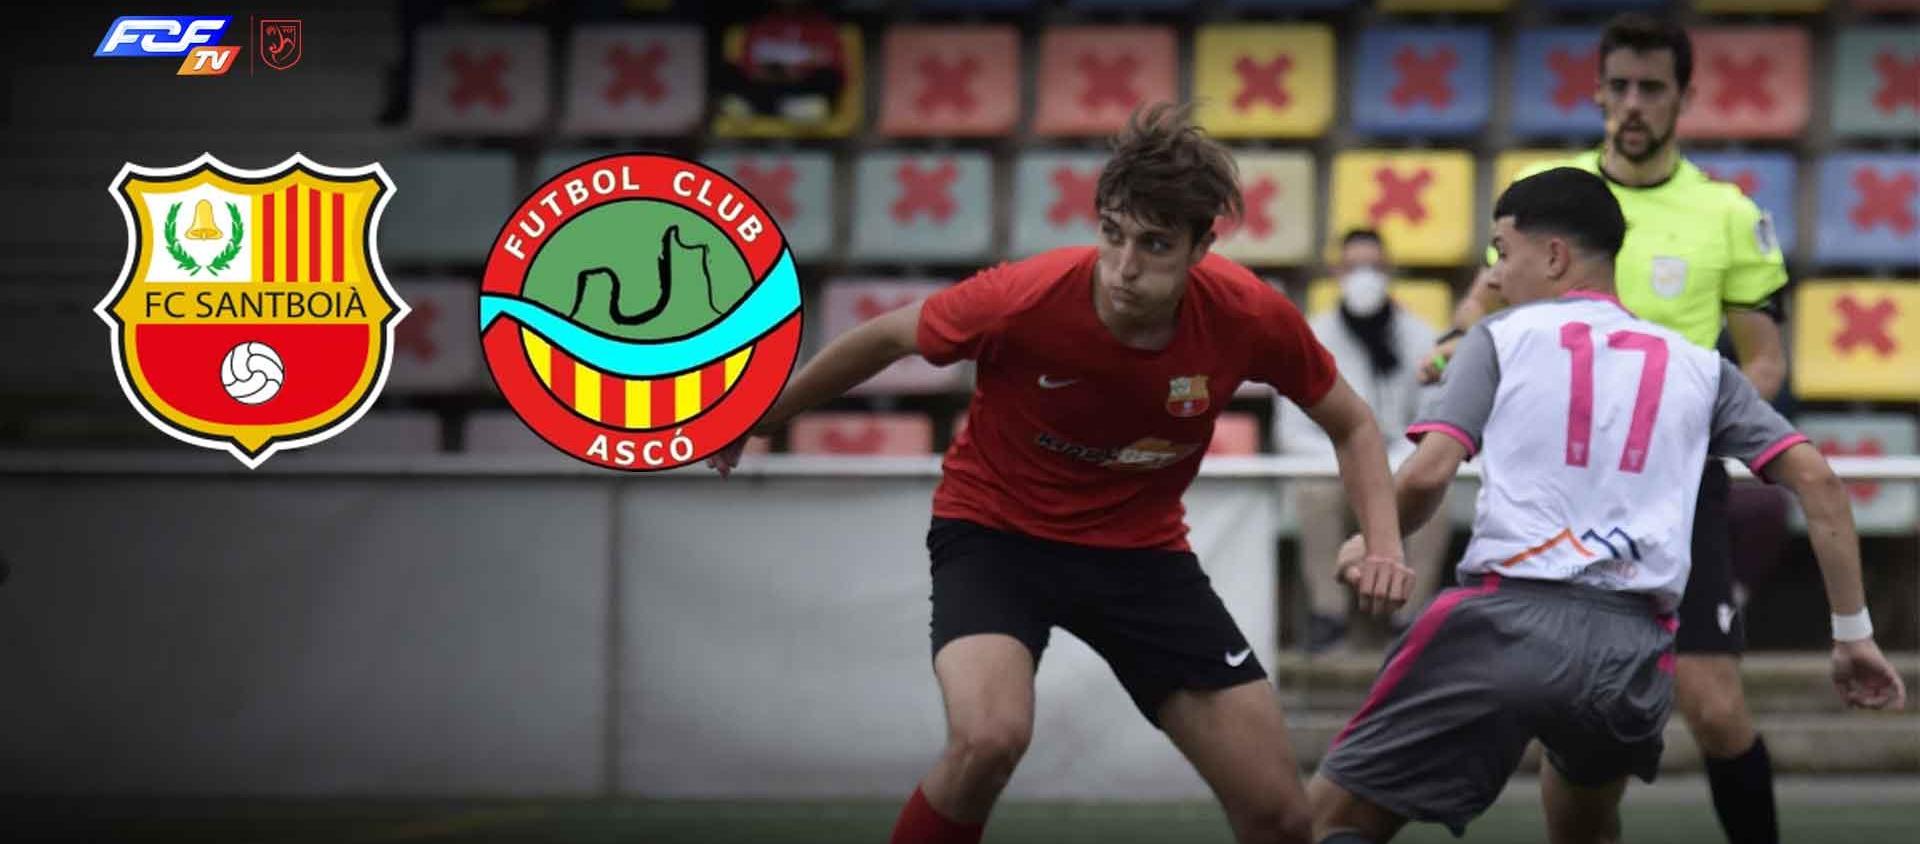 El FC Santboià i el FC Ascó s'enfronten a l'FCF TV